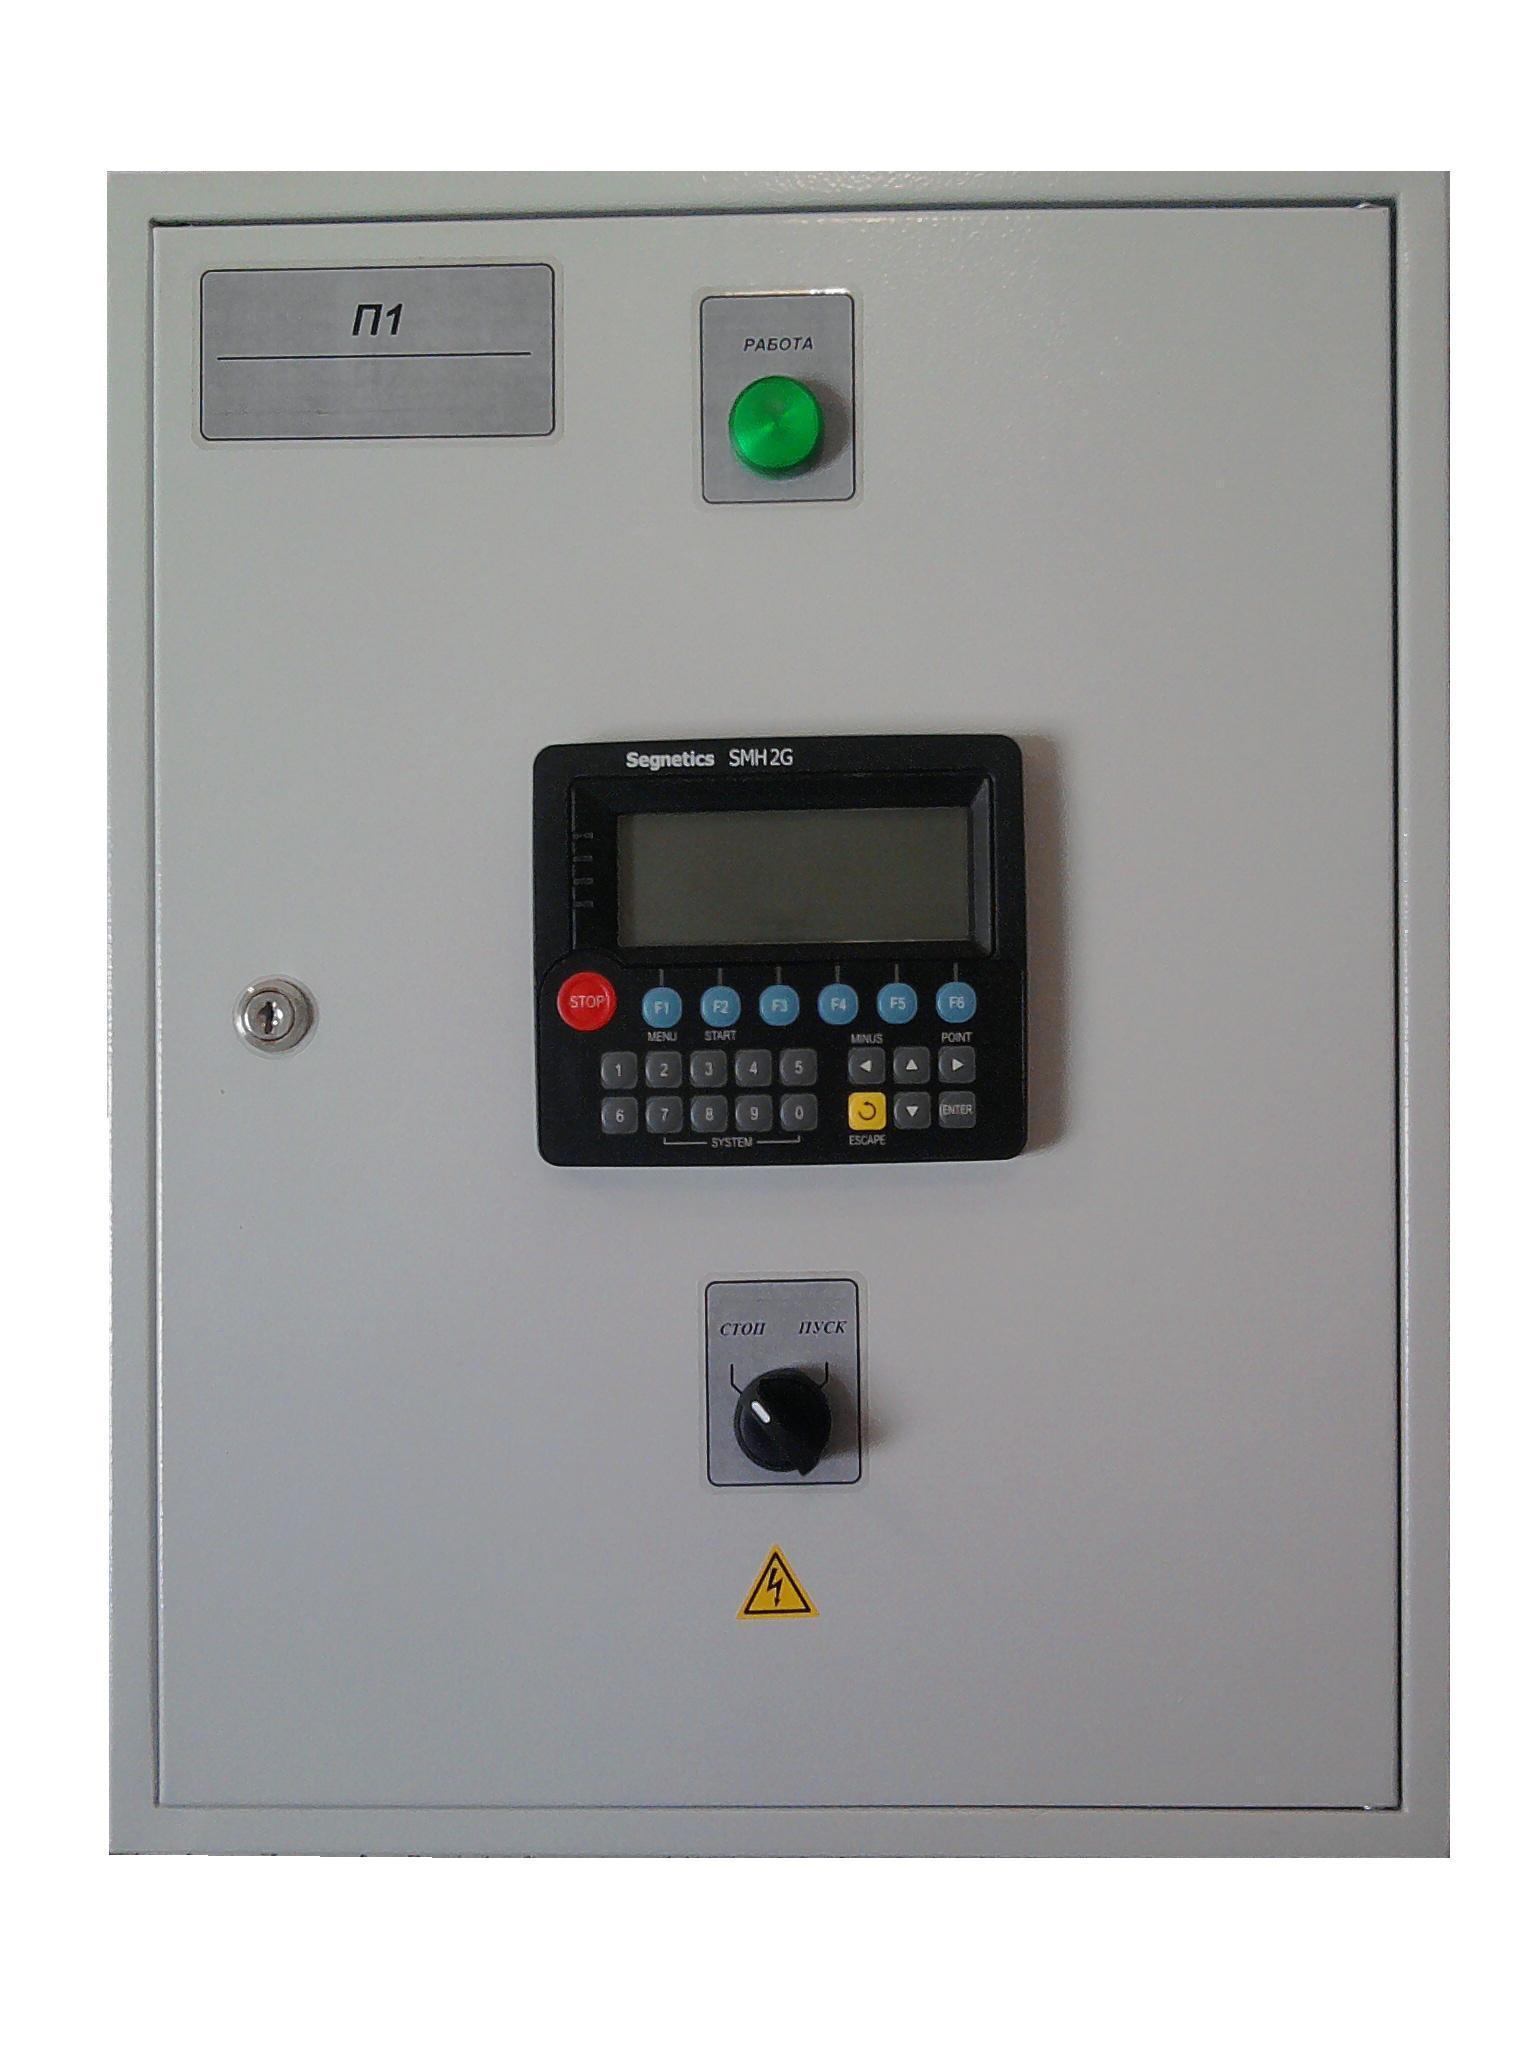 Щит управления автоматики приточно-вытяжной вентиляции с рециркуляцией и водяным калорифером